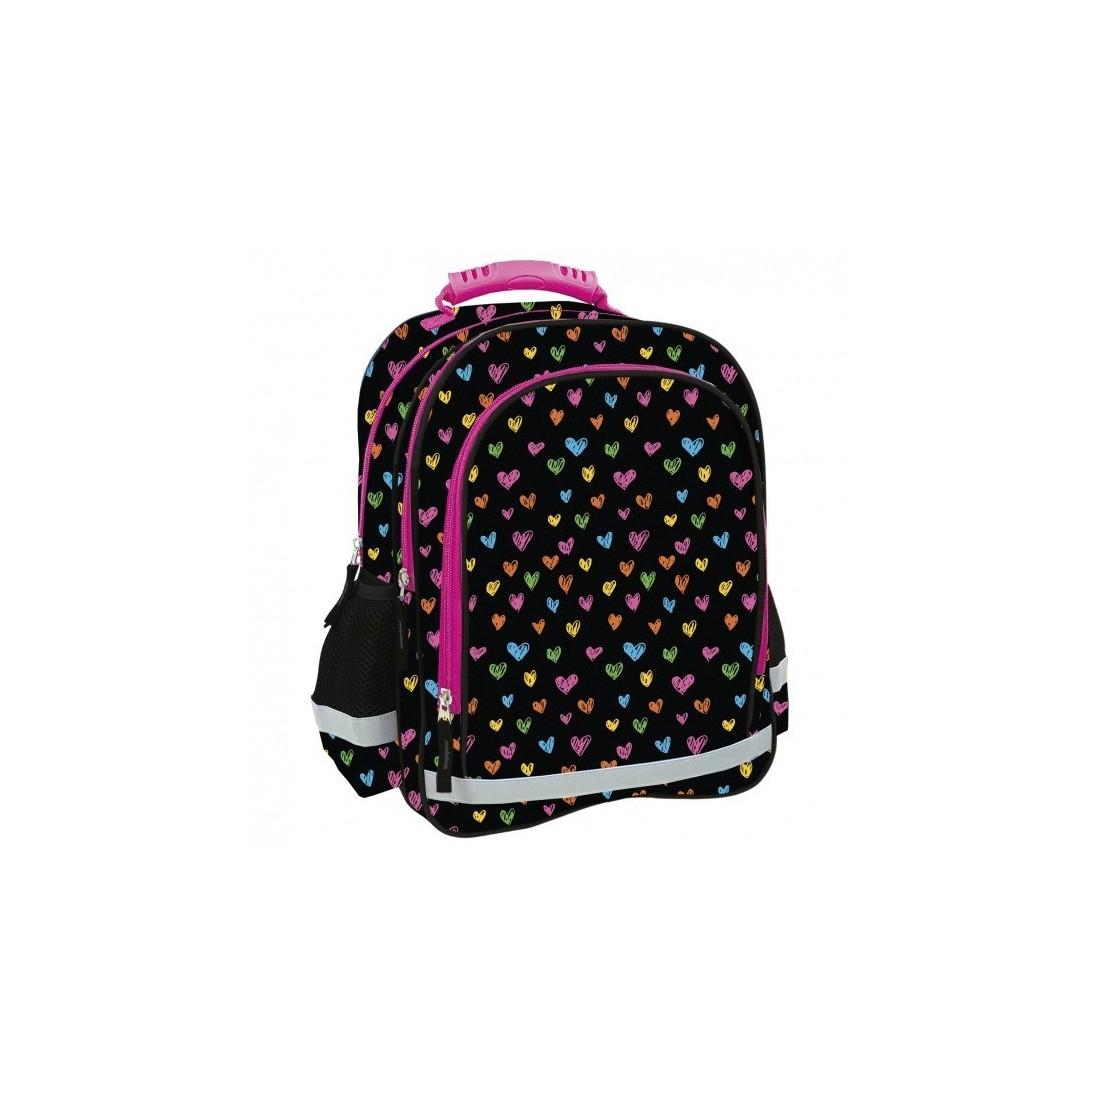 3c36d488eb9db Posiada 3 praktyczne przegrody oraz słodki wzór w kolorowe serduszka na  czarnym tle. czarny plecak